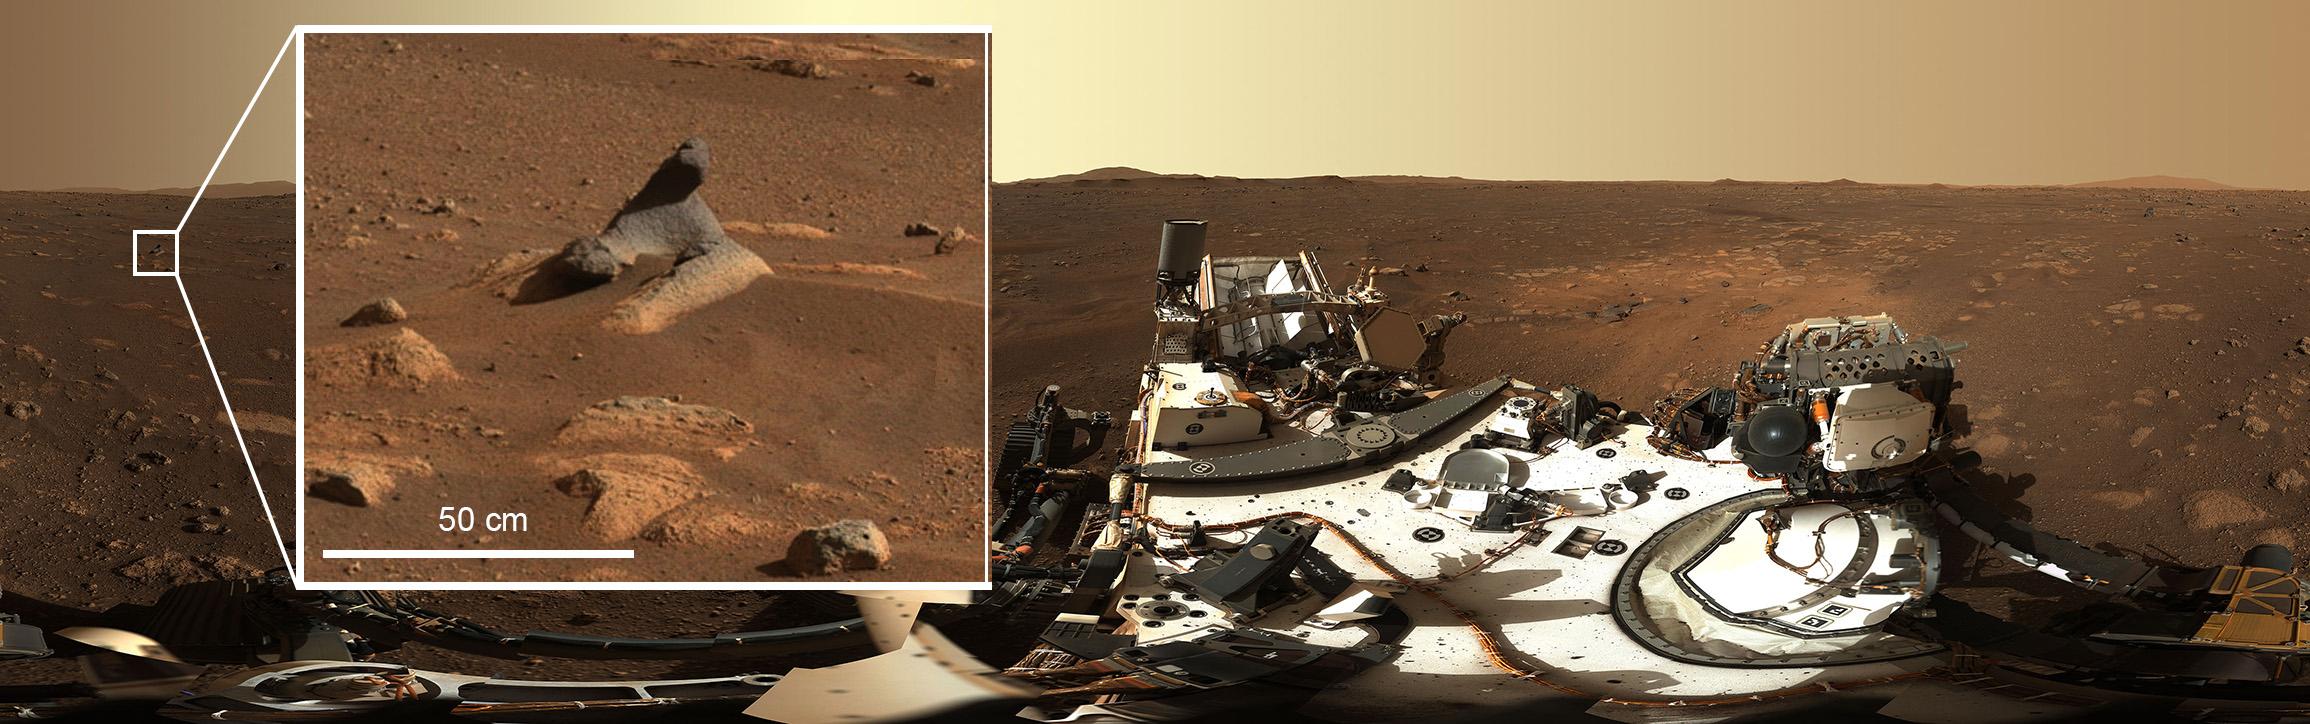 Esta foto de la NASA publicada el 24 de febrero de 2021 muestra al rover Perseverance Mars 2020 cuando obtuvo su primera imagen en alta definición alrededor de su nuevo hogar en el cráter Jezero el 21 de febrero de 2021, después de rotar su mástil, 360 grados , permitiendo que el instrumento Mastcam-Z del rover capture su primera panorámica después de aterrizar en el Planeta Rojo el 18 de febrero de 2021. Esta roca tallada por el viento que se ve en la primera panorámica de 360 grados tomada por el instrumento Mastcam-Z muestra solo cuántos detalles capturan los sistemas de cámaras